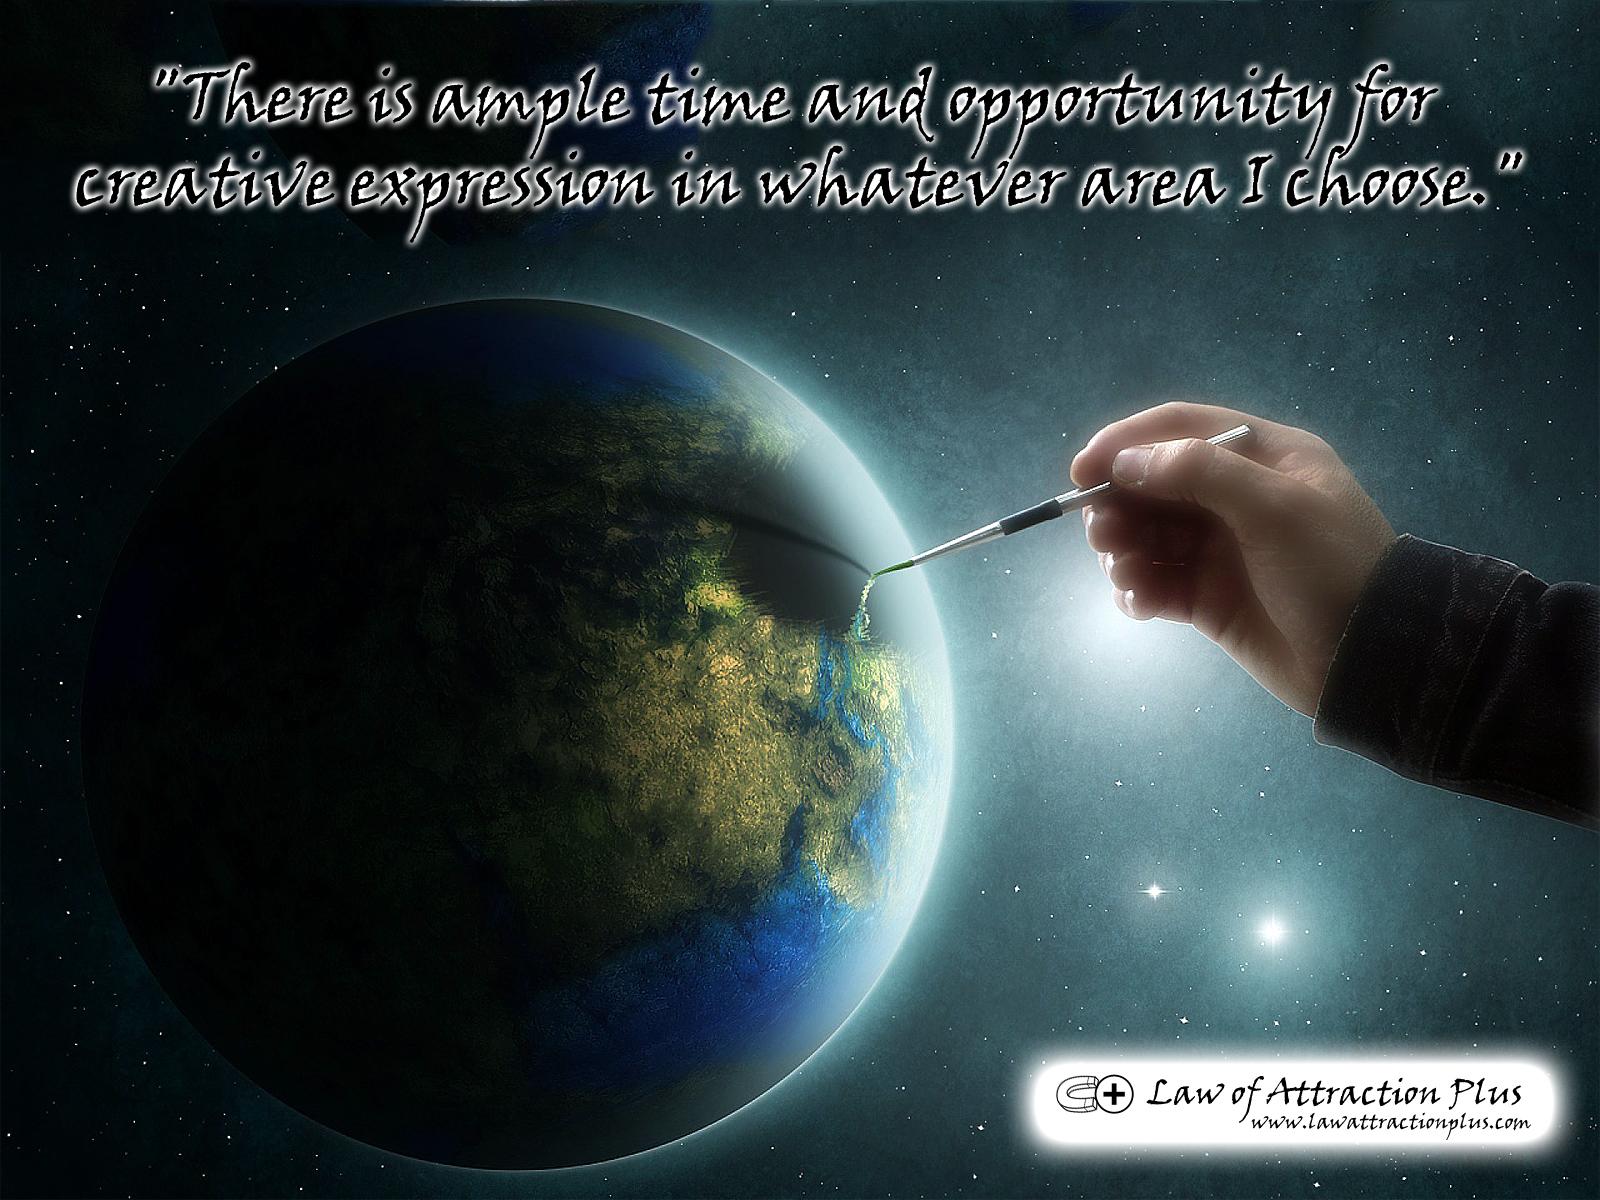 http://3.bp.blogspot.com/-T200pzRq5p8/Tj1vAooDtrI/AAAAAAAAB5k/MFIB-b6mBlM/s1600/Affirmations-Decrees-The-Secret-Law-of-Attraction-Plus-30.jpg